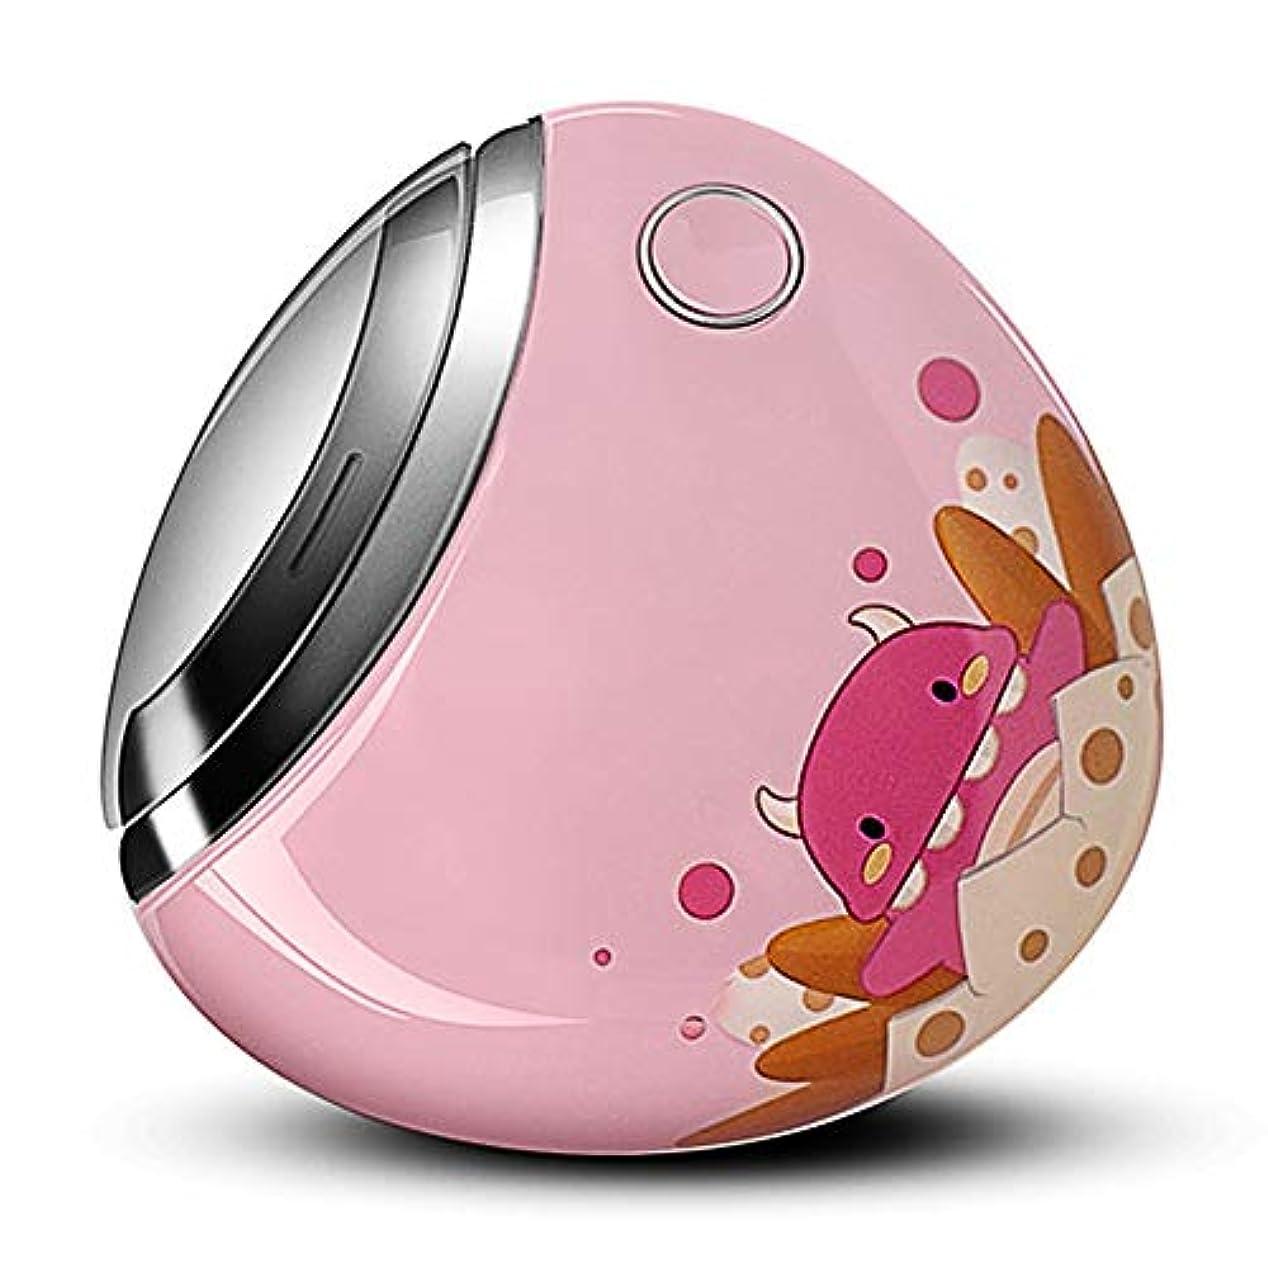 モールス信号カップル保持する新生児の特別な爪切り電気ネイルポリッシャー爪切りクリッパー肉爪切り,ピンク